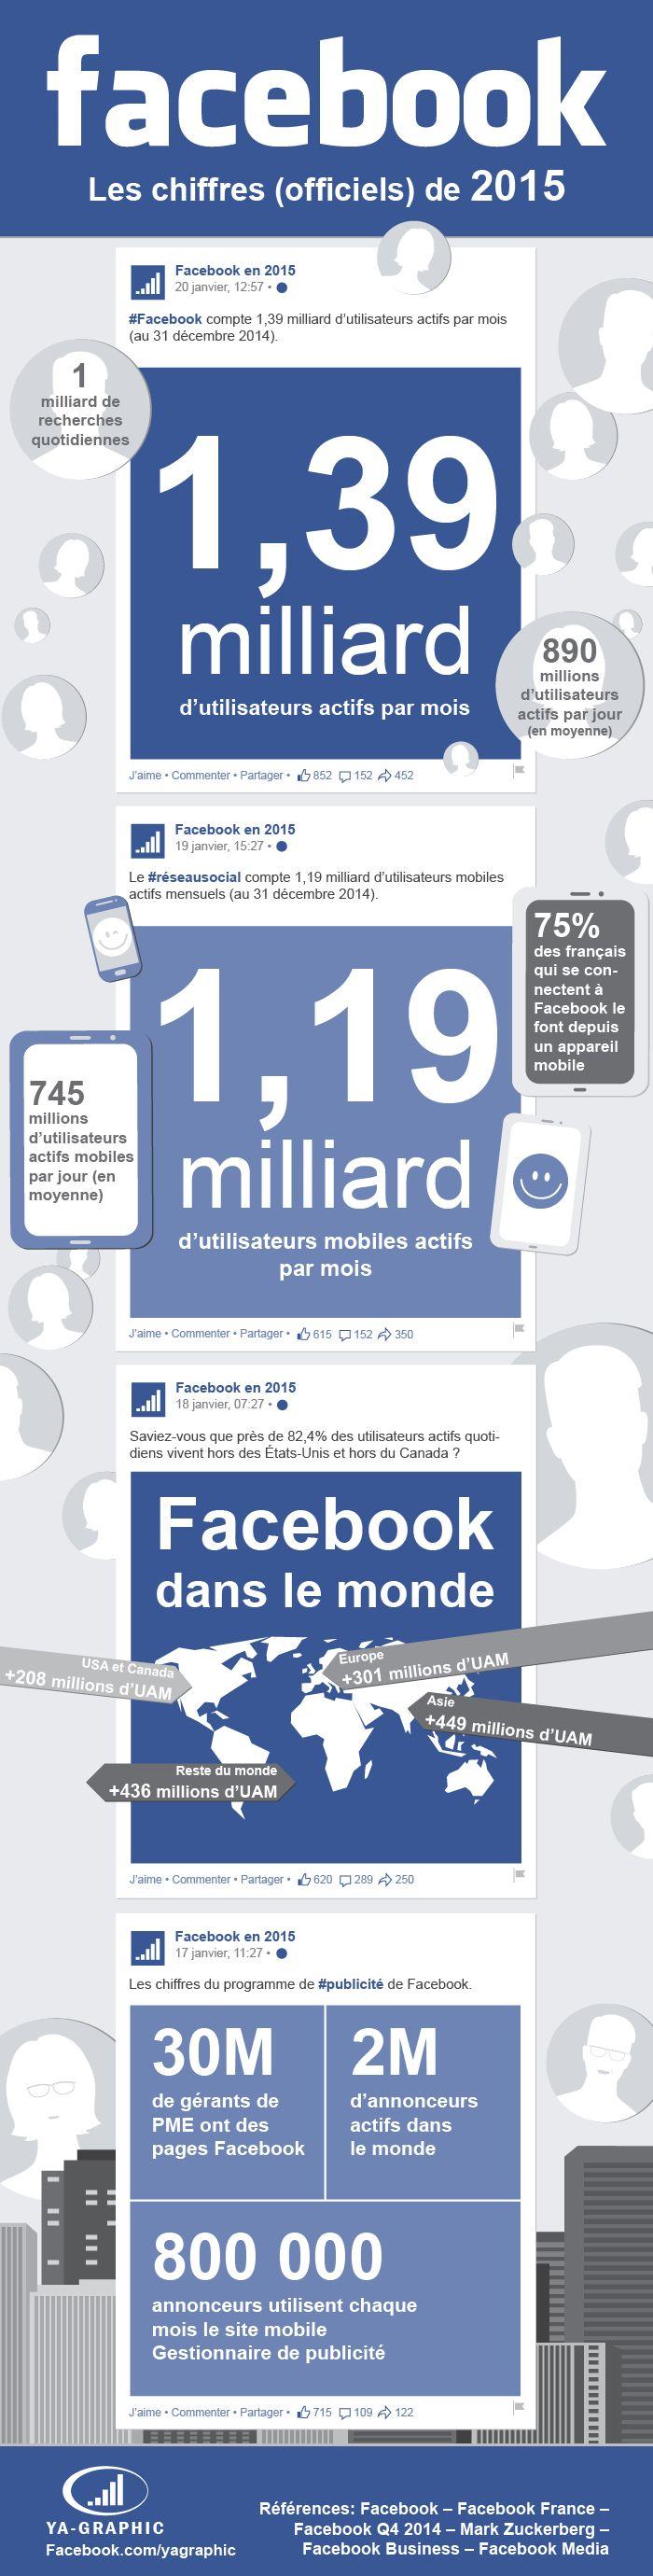 Infographie Facebook : Chiffres réseau social Facebook 2015